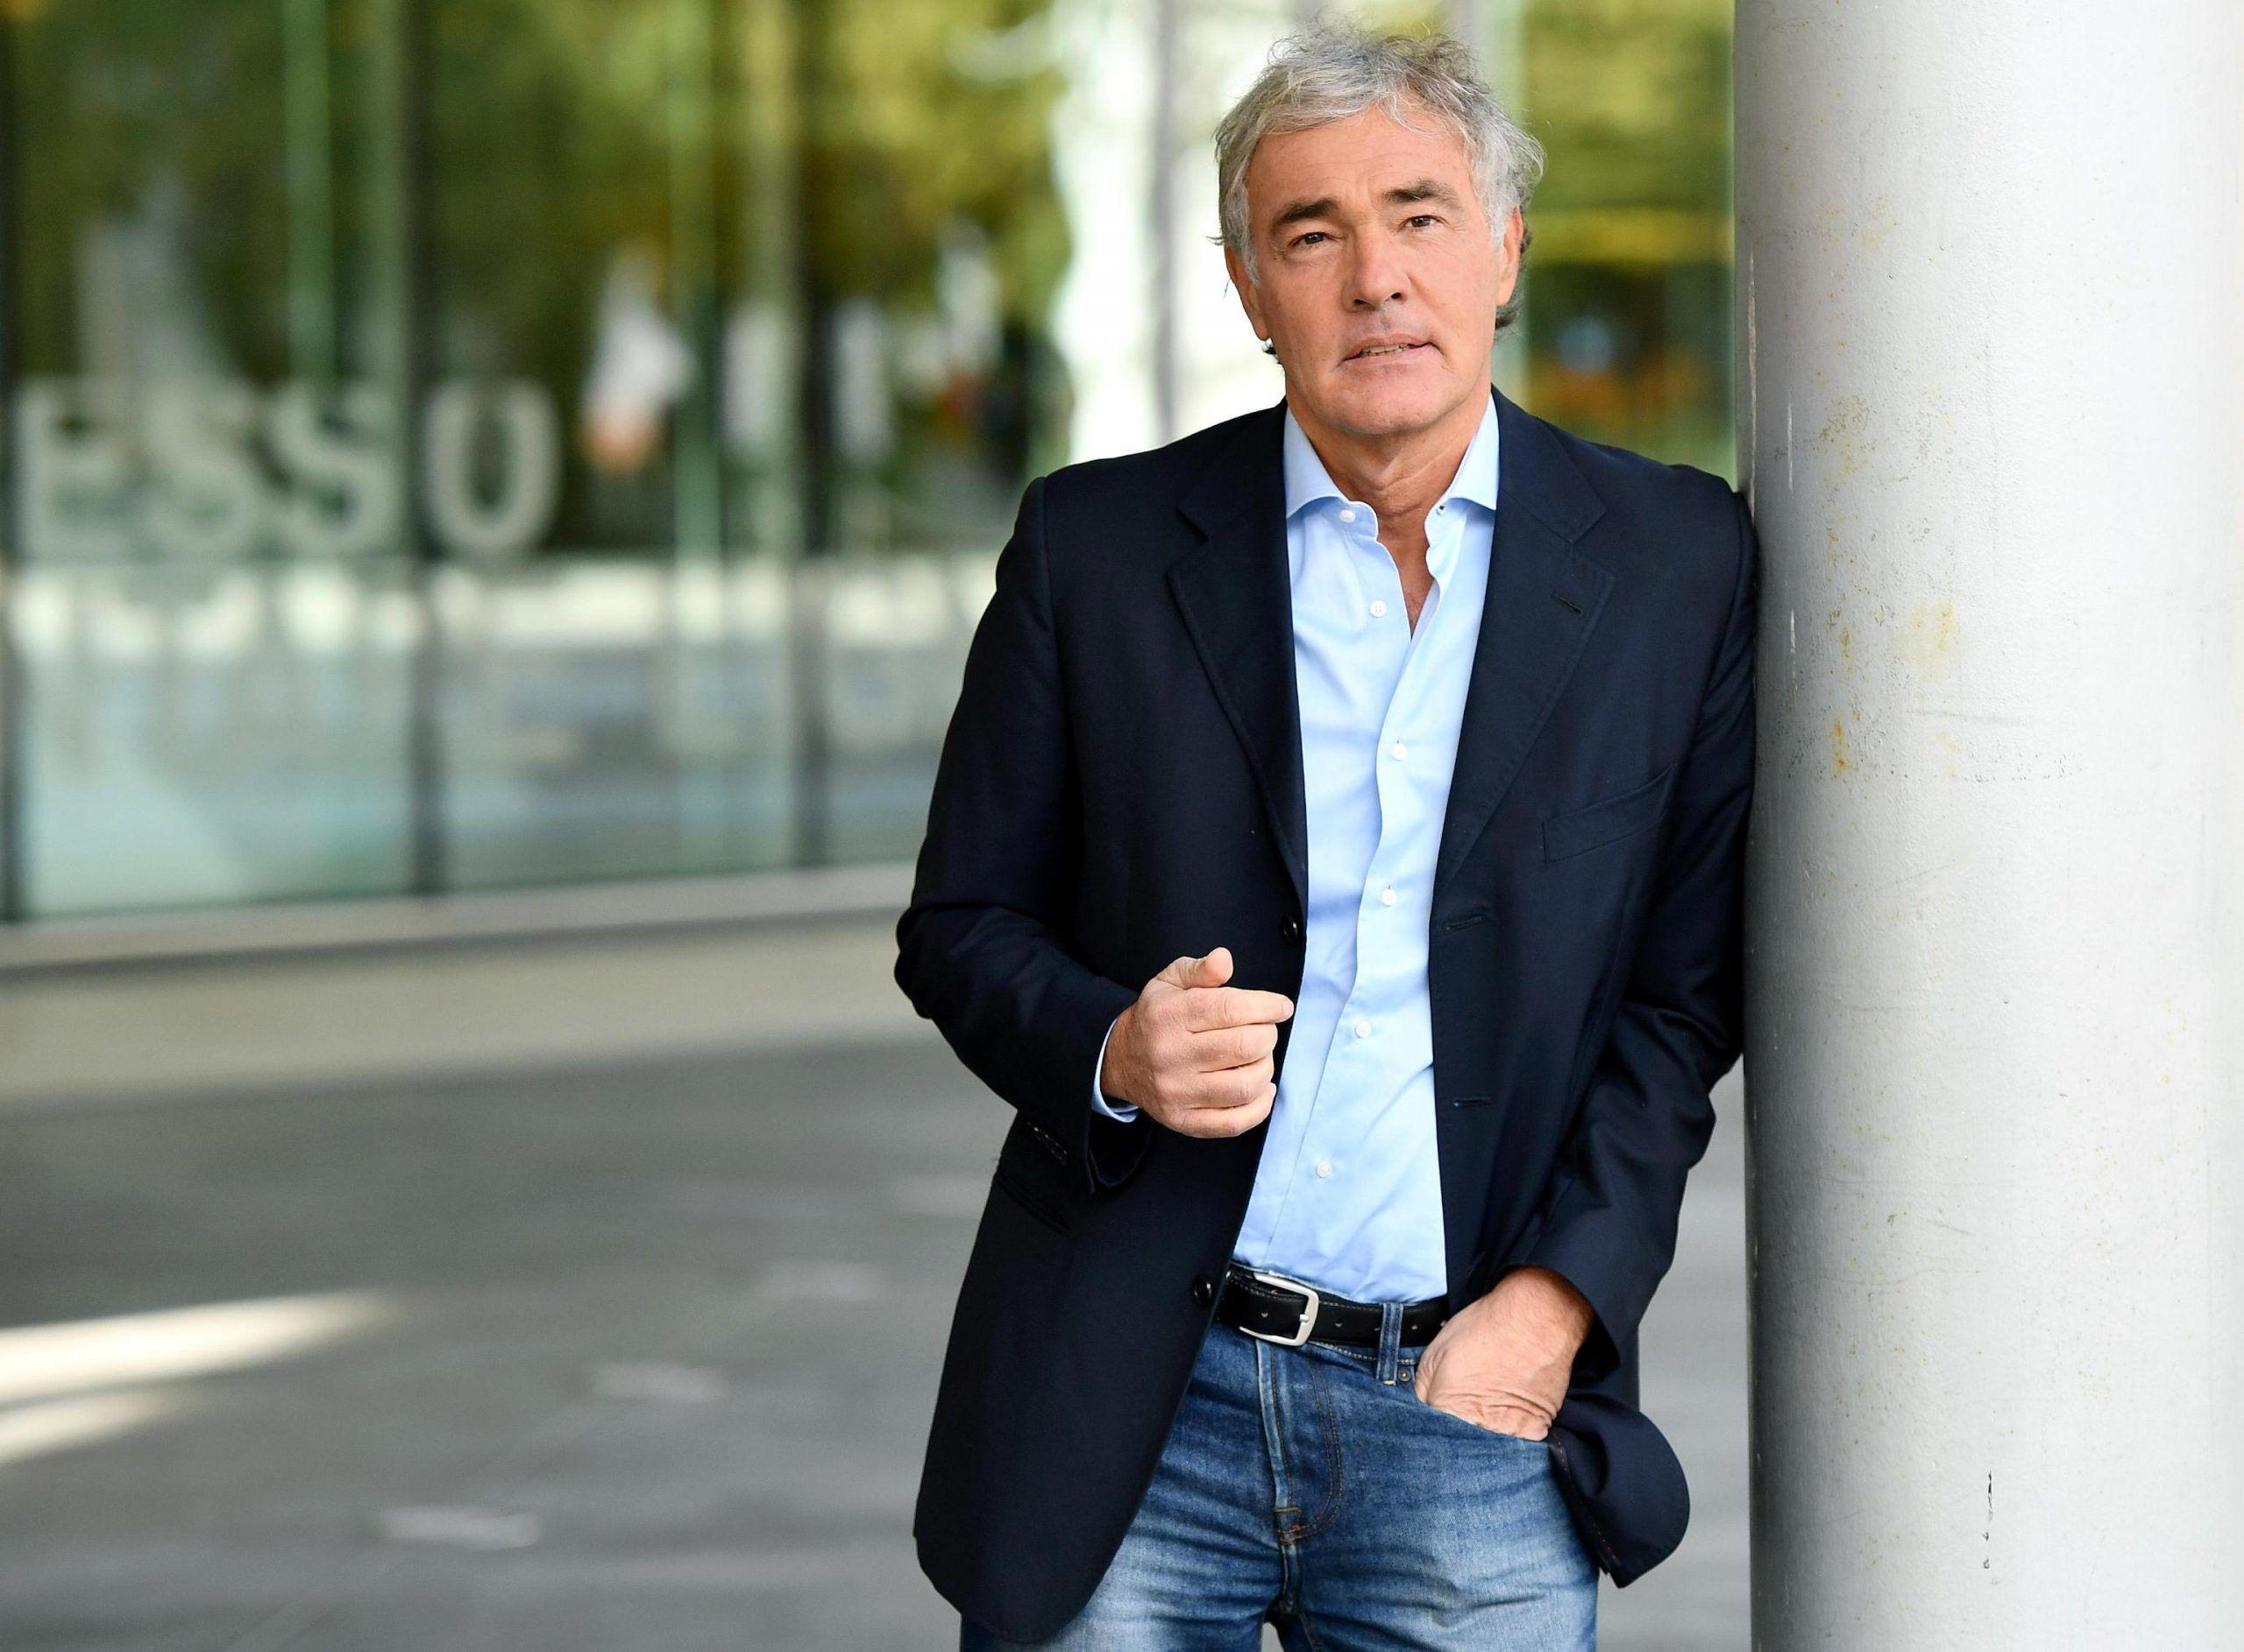 Massimo Giletti in lacrime per il passato in Rai: 'Volevano distruggere la mia squadra di lavoro'